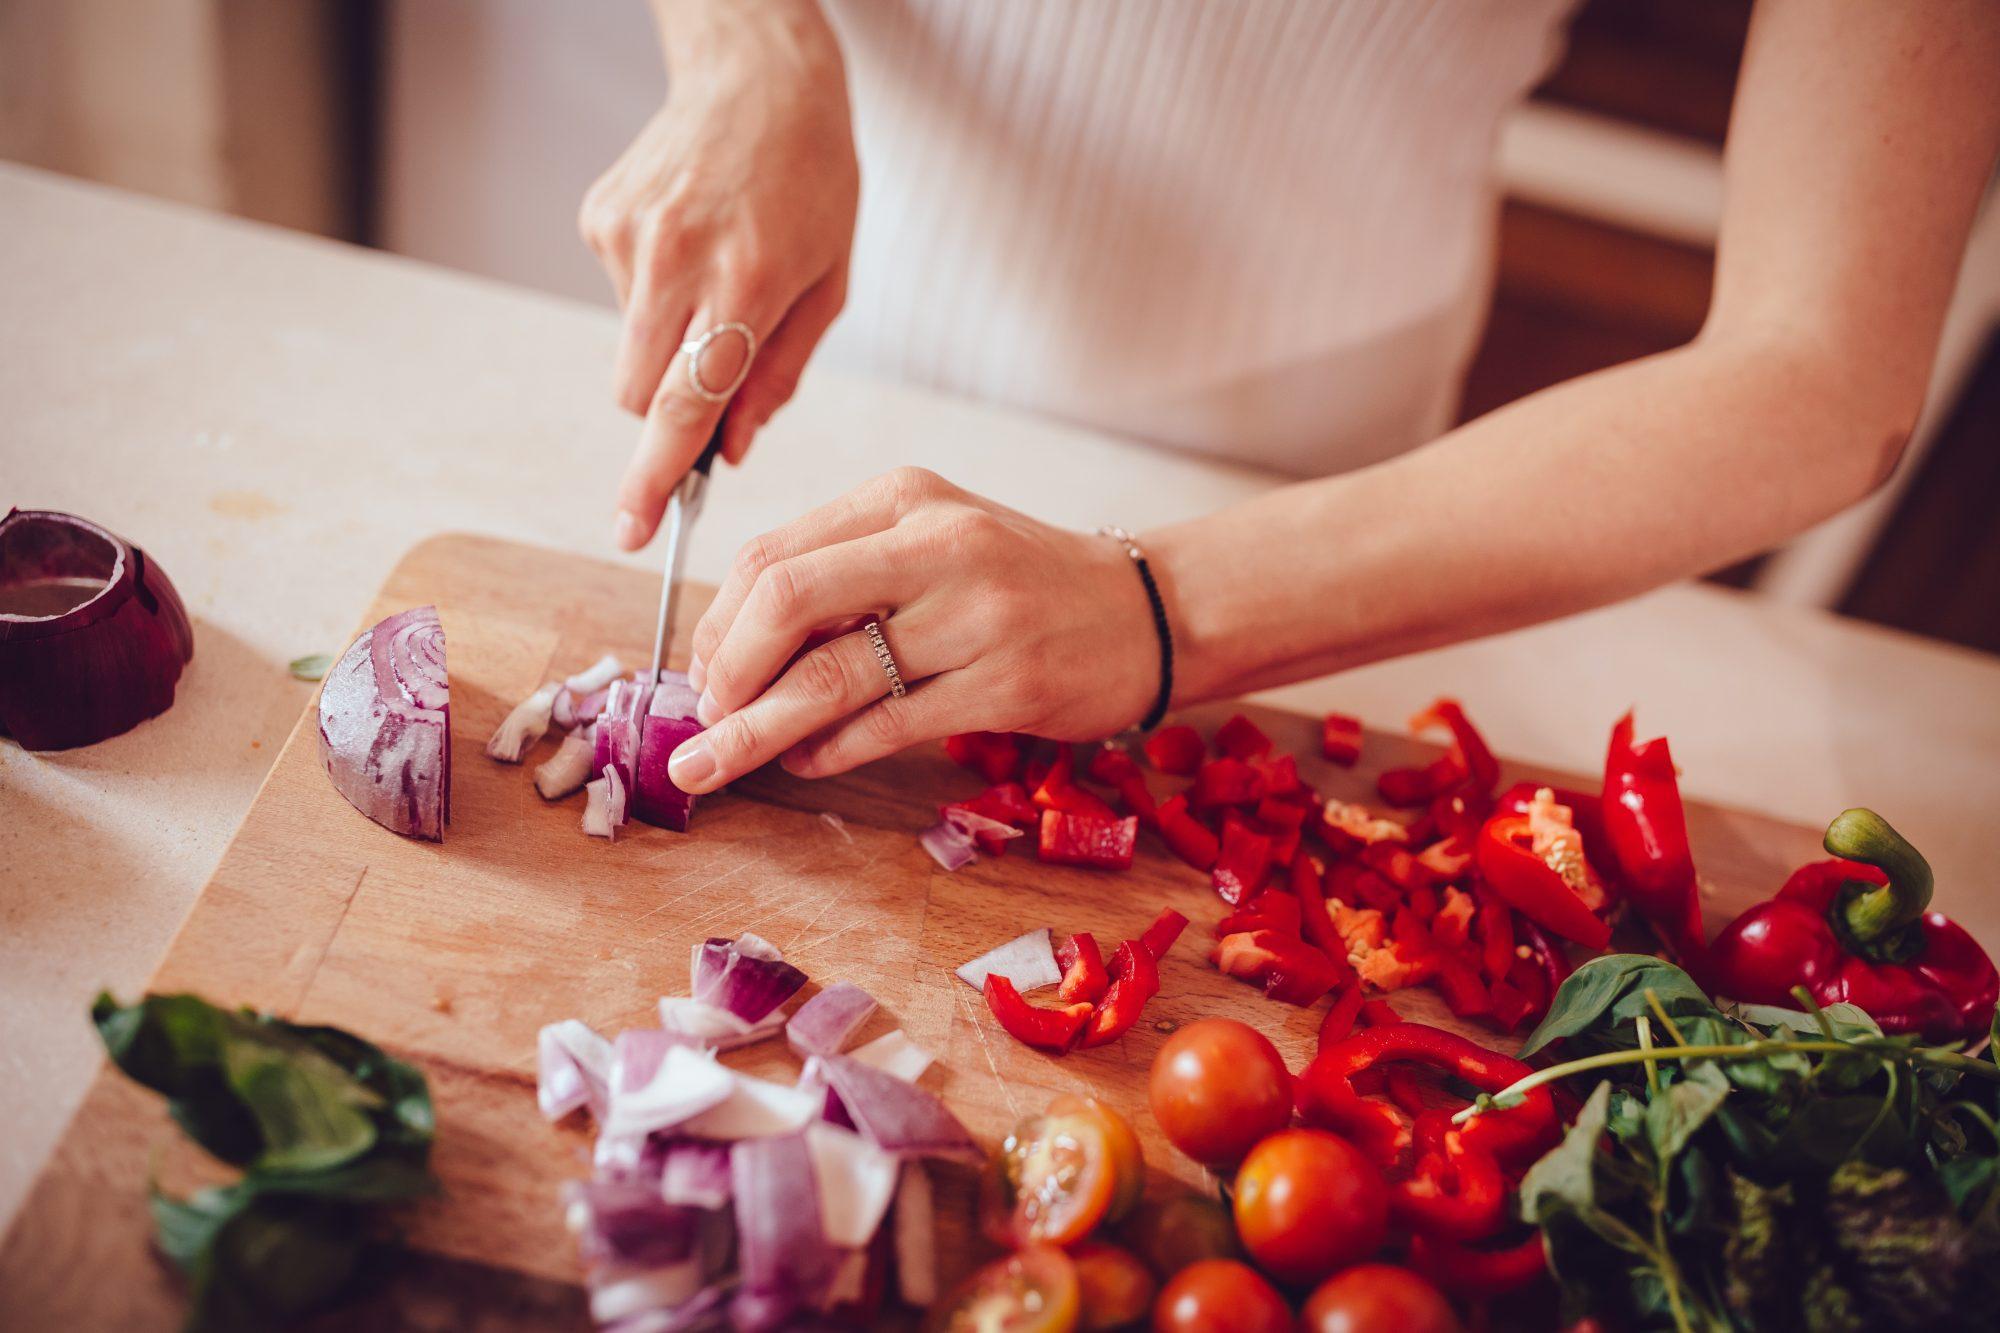 Chopping onions getty 7/10/19